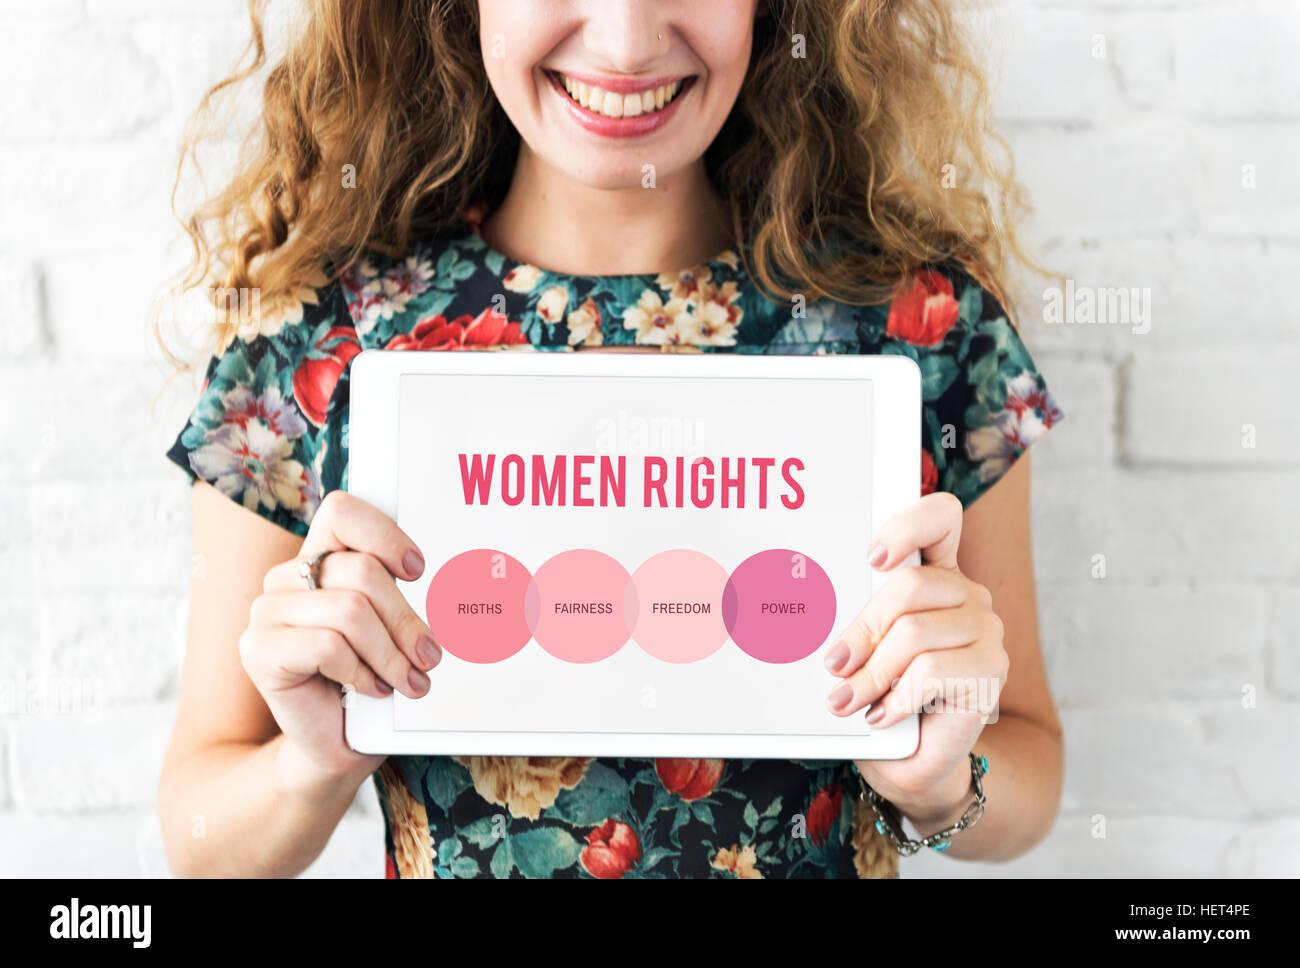 Los derechos de la mujer derechos de género el concepto de igualdad de oportunidades Imagen De Stock